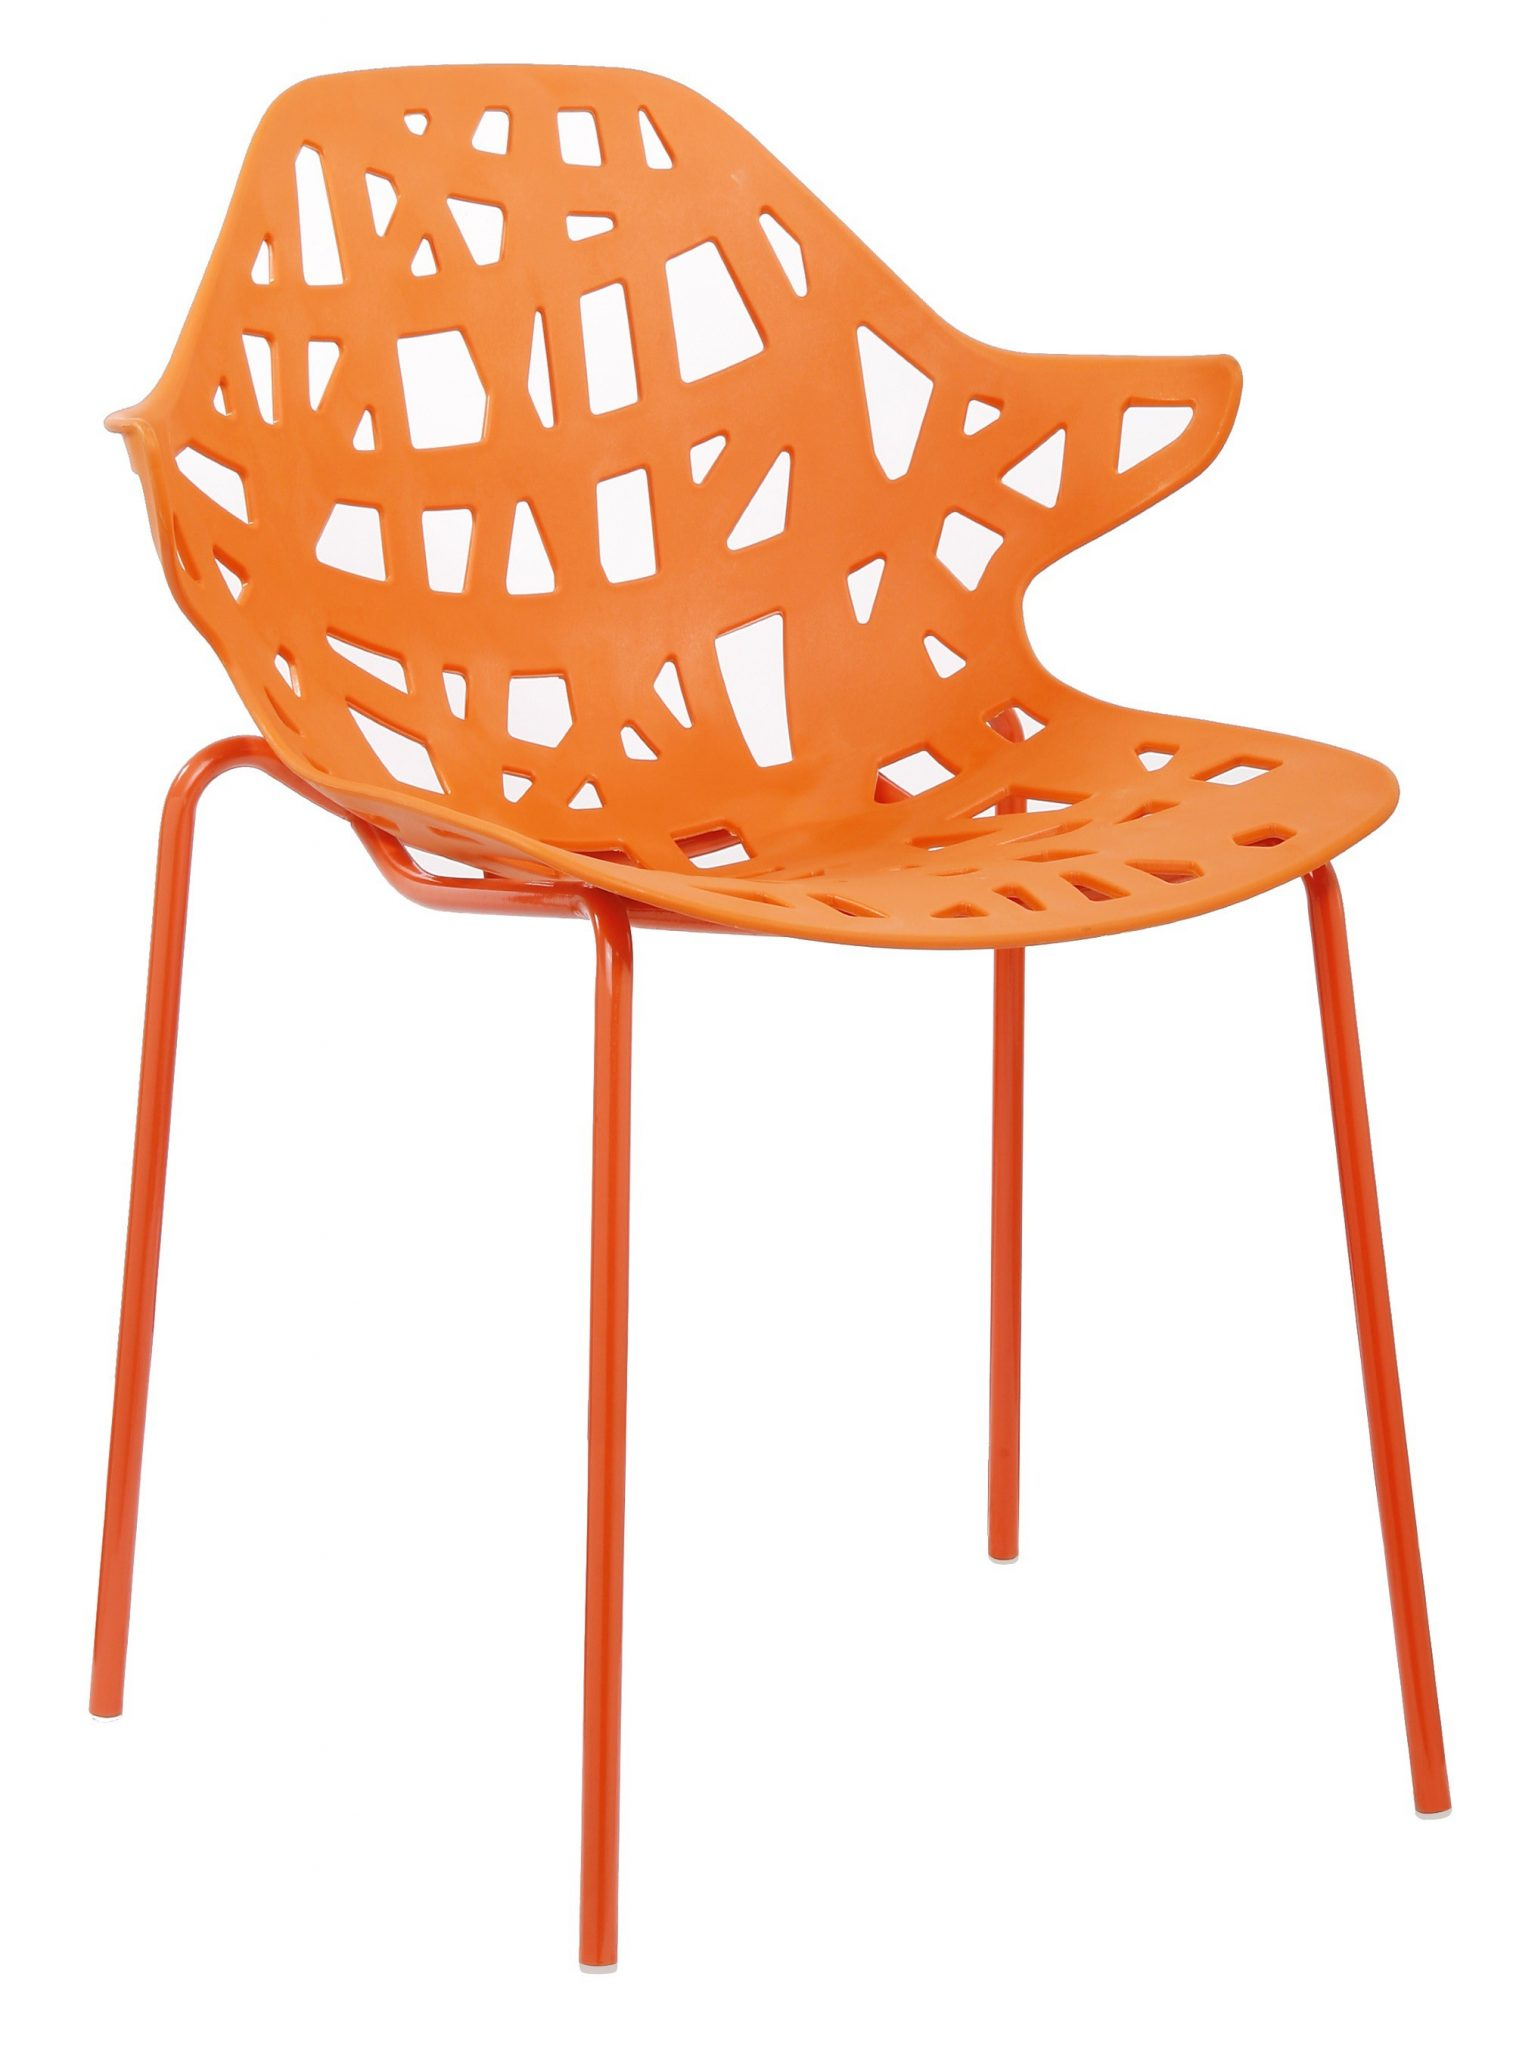 Chaise design orange le monde de l a for Tendance chaise 2017